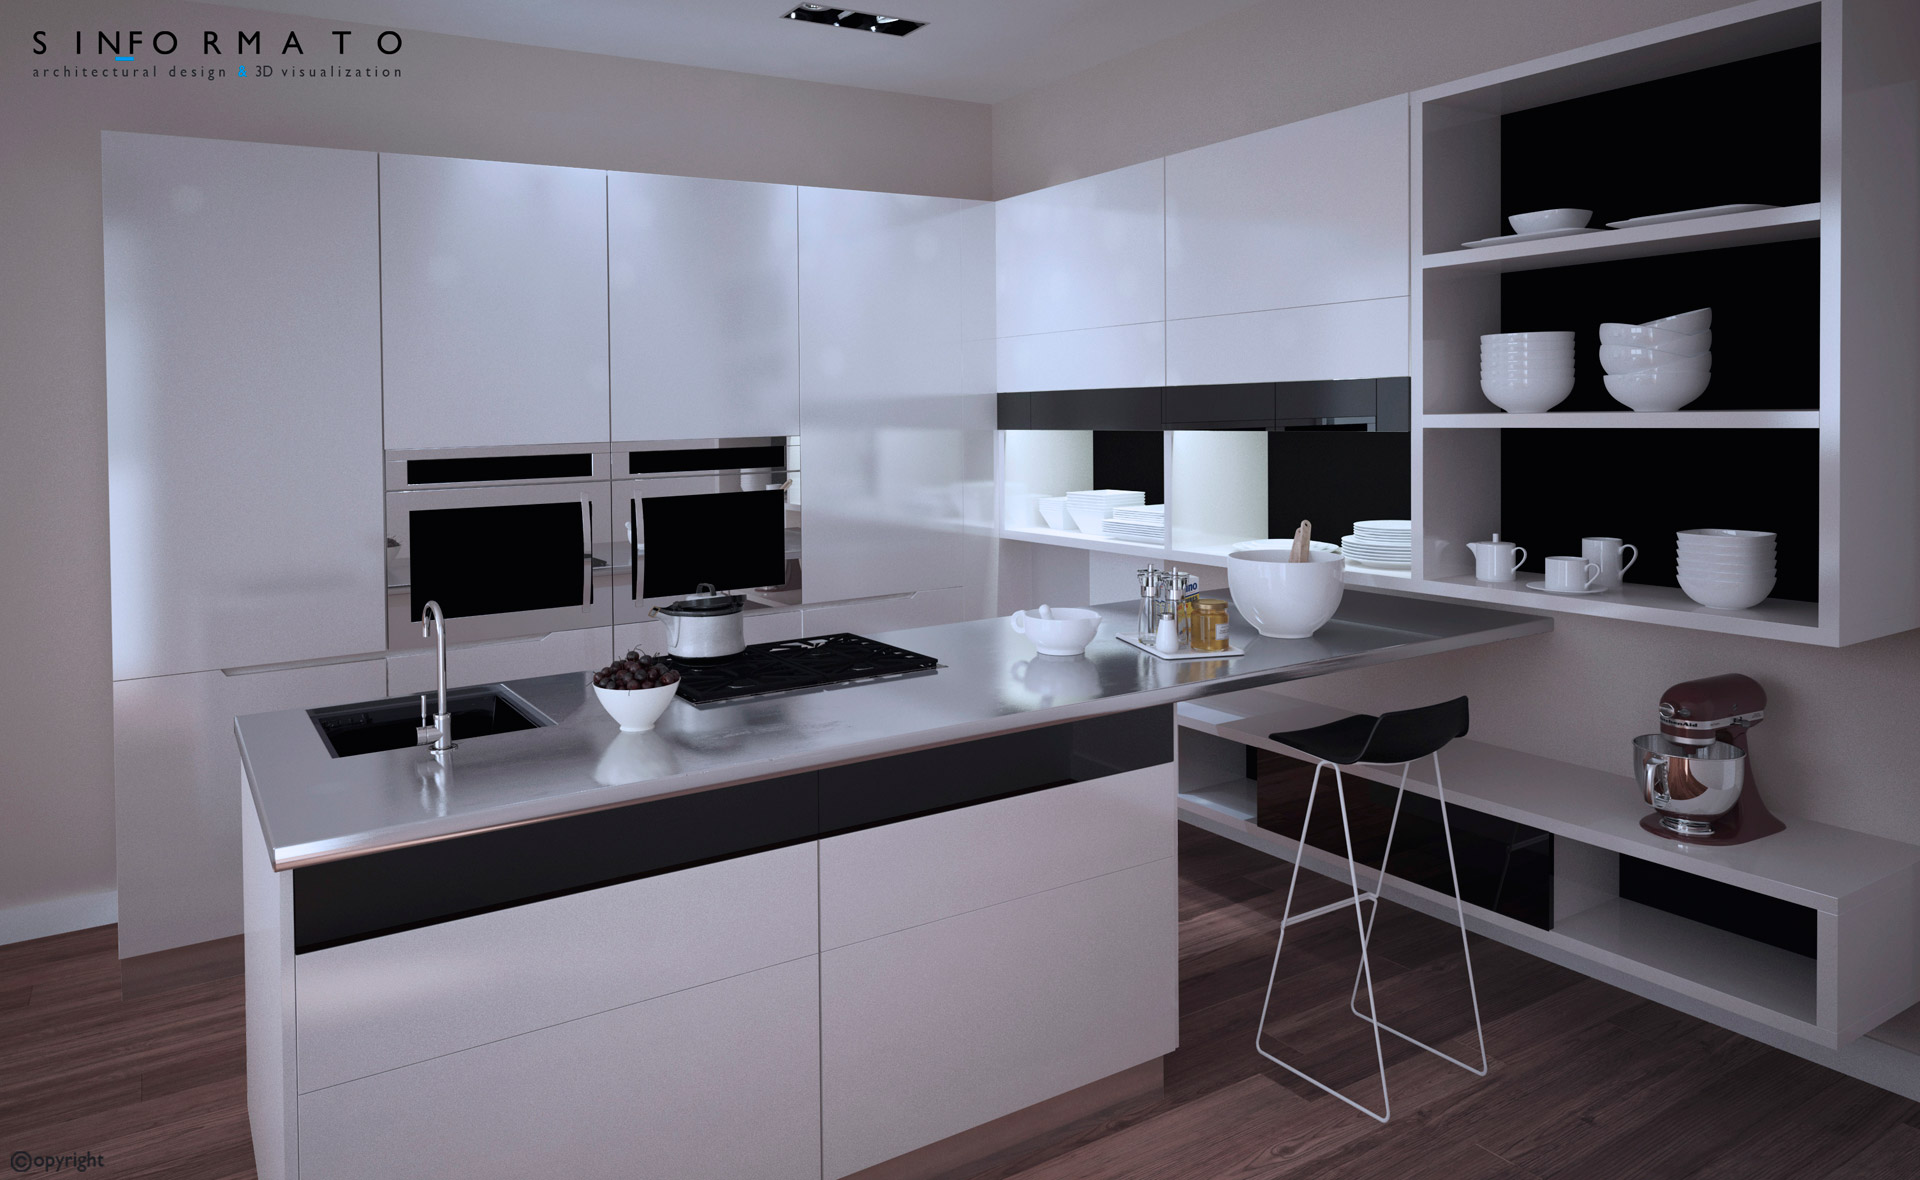 Infograf a cocinas scavolini sin formato - Diseno cocina 3d ...